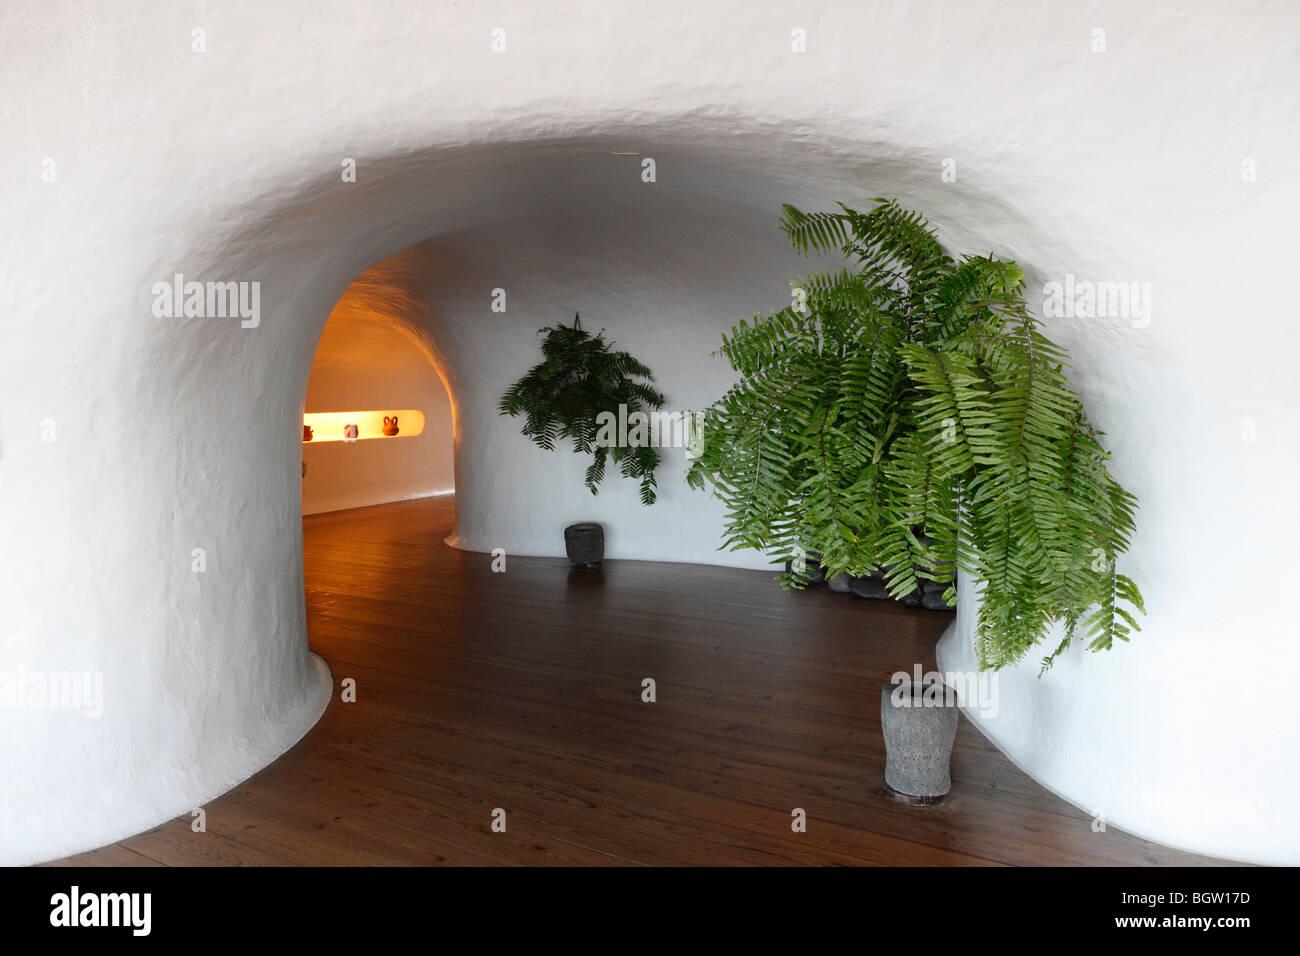 Corridor with ferns in Mirador del Rio, designed by César Manrique, Lanzarote, Canary Islands, Spain, Europe - Stock Image